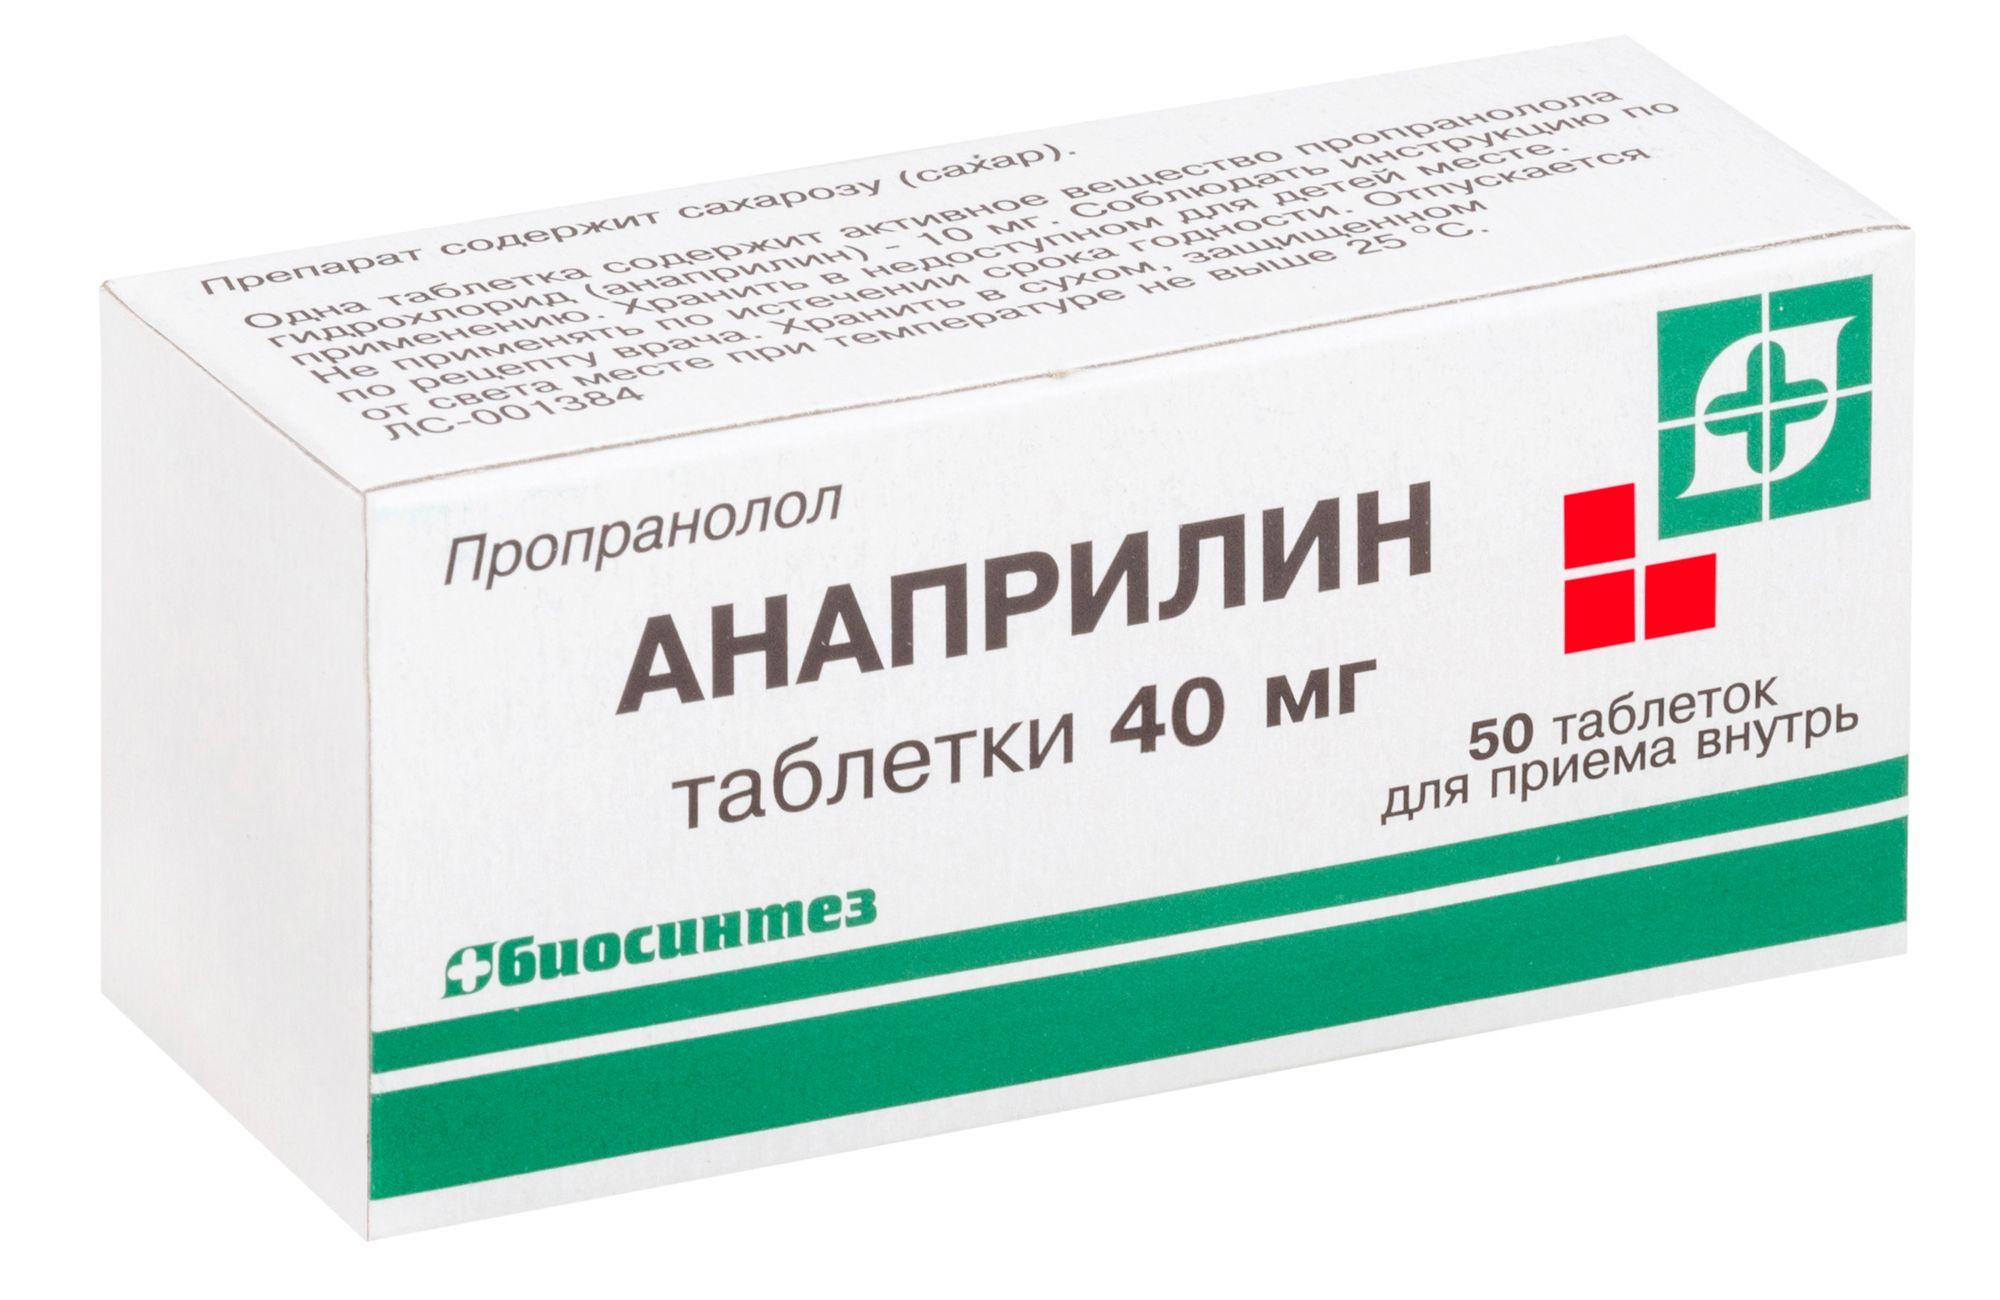 Анаприлин, 40 мг, таблетки, 50 шт.